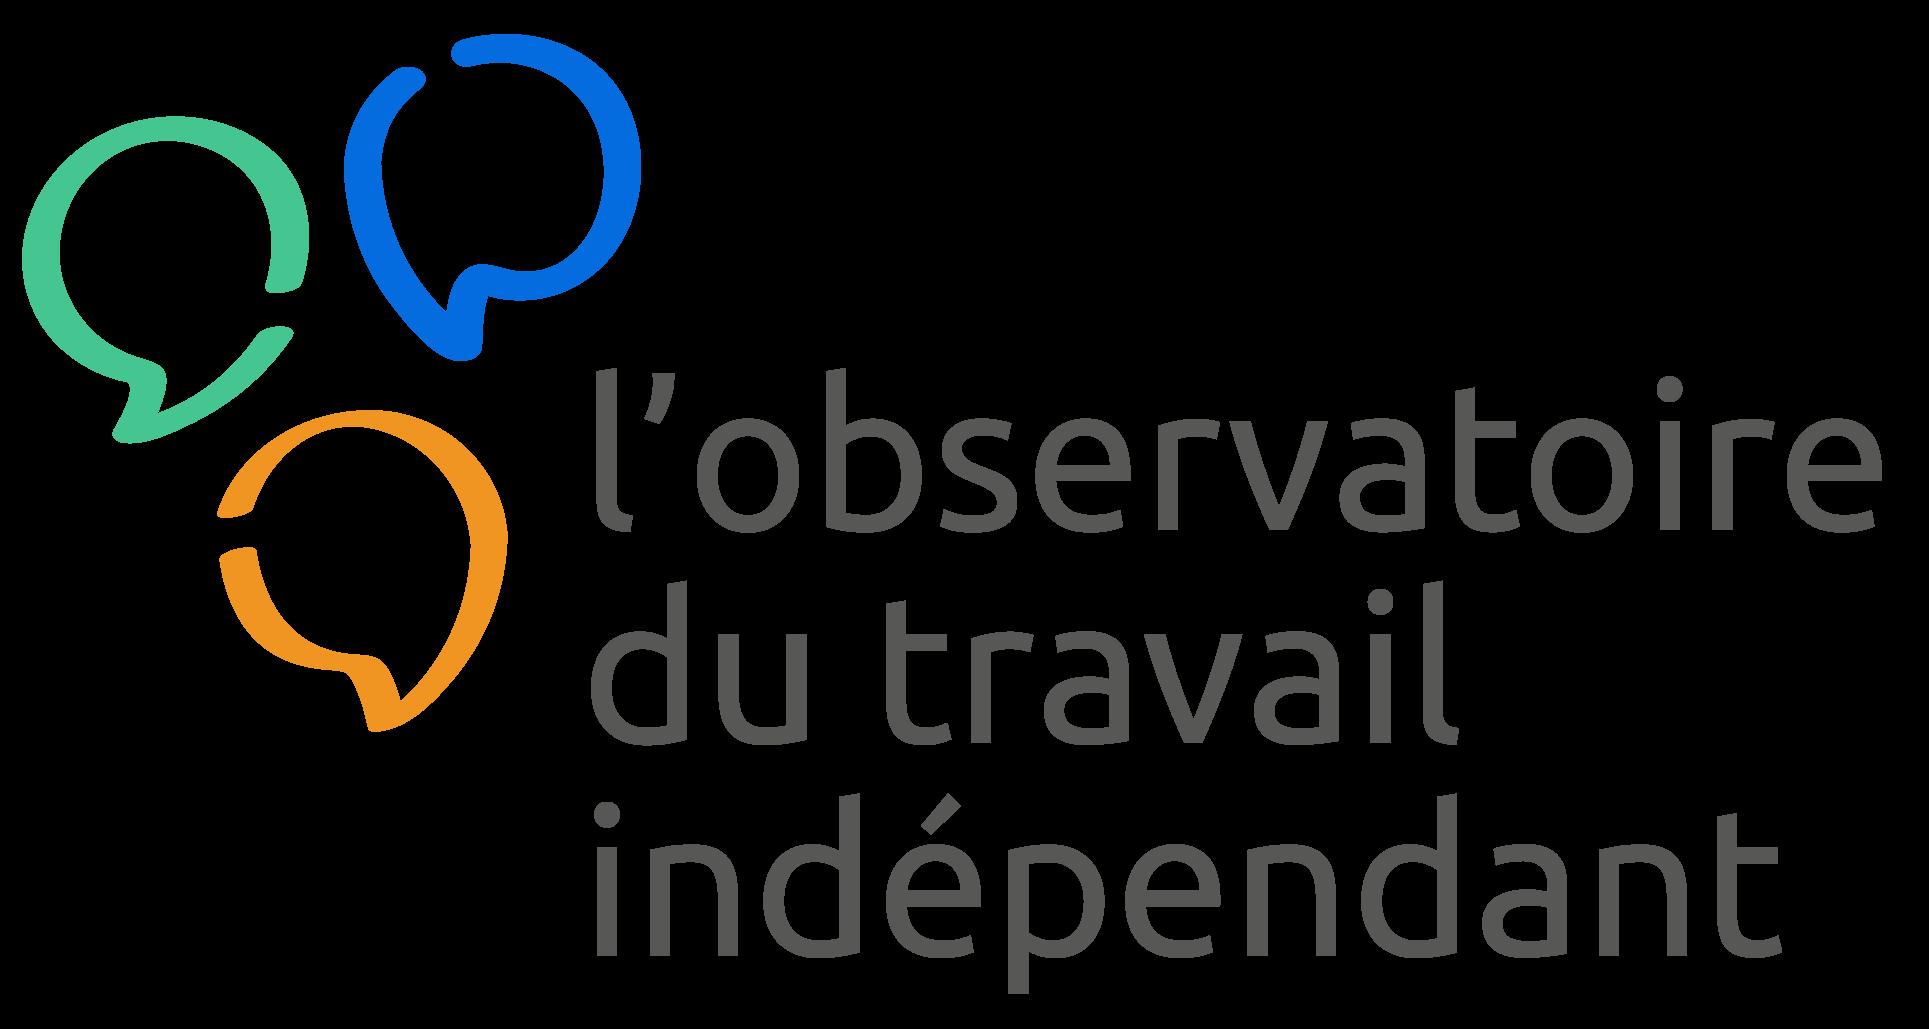 L'Observatoire du Travail Indépendant